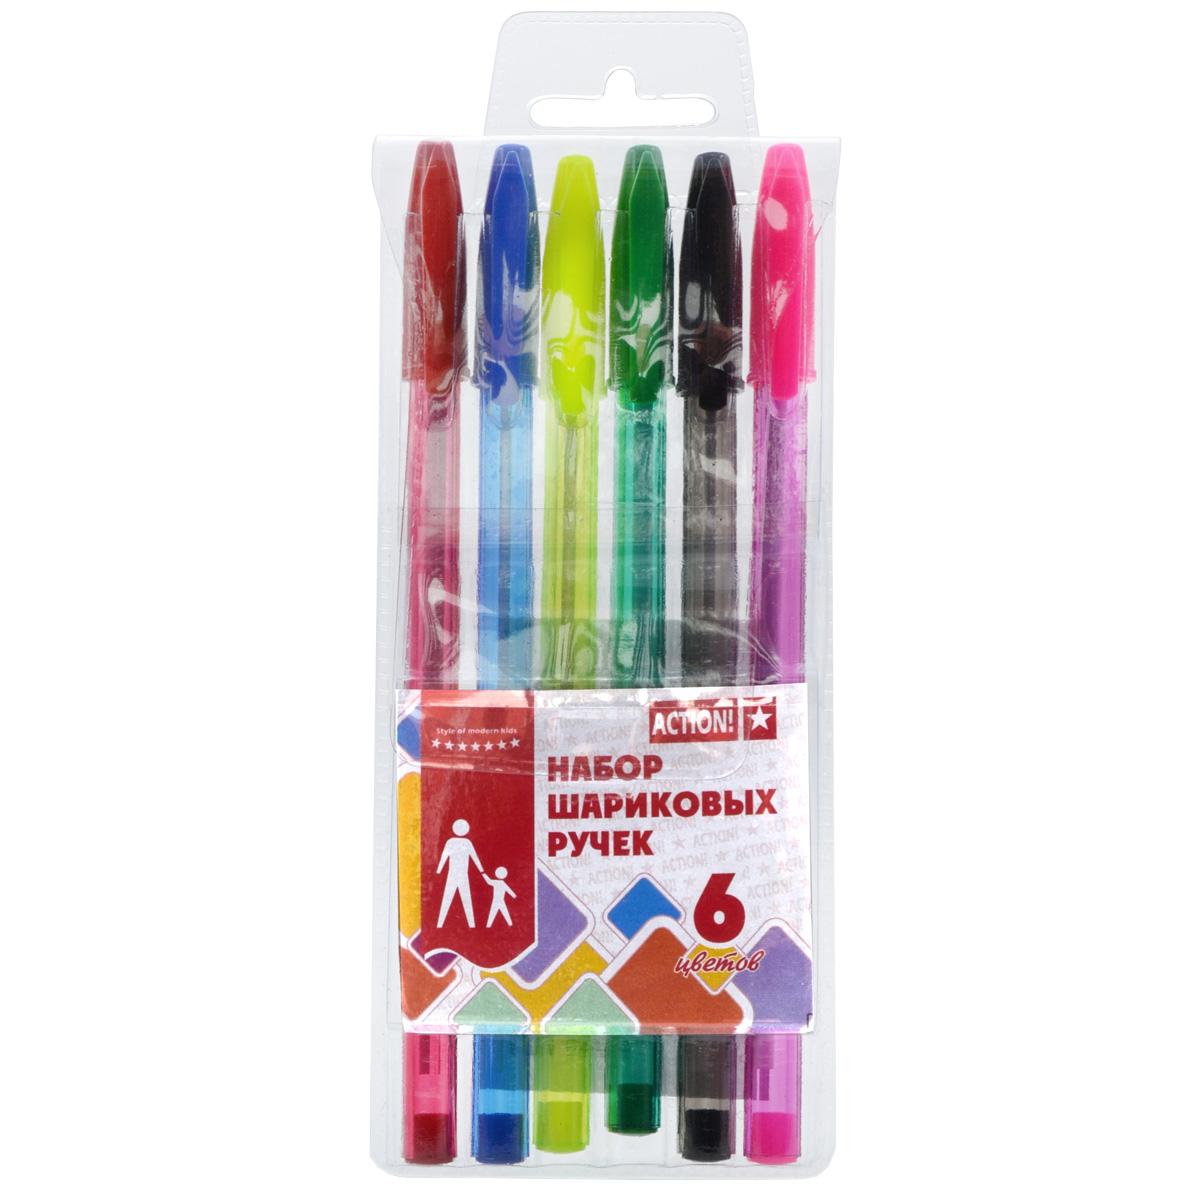 Набор разноцветных шариковых ручек ACTION! 6 цветов<br>